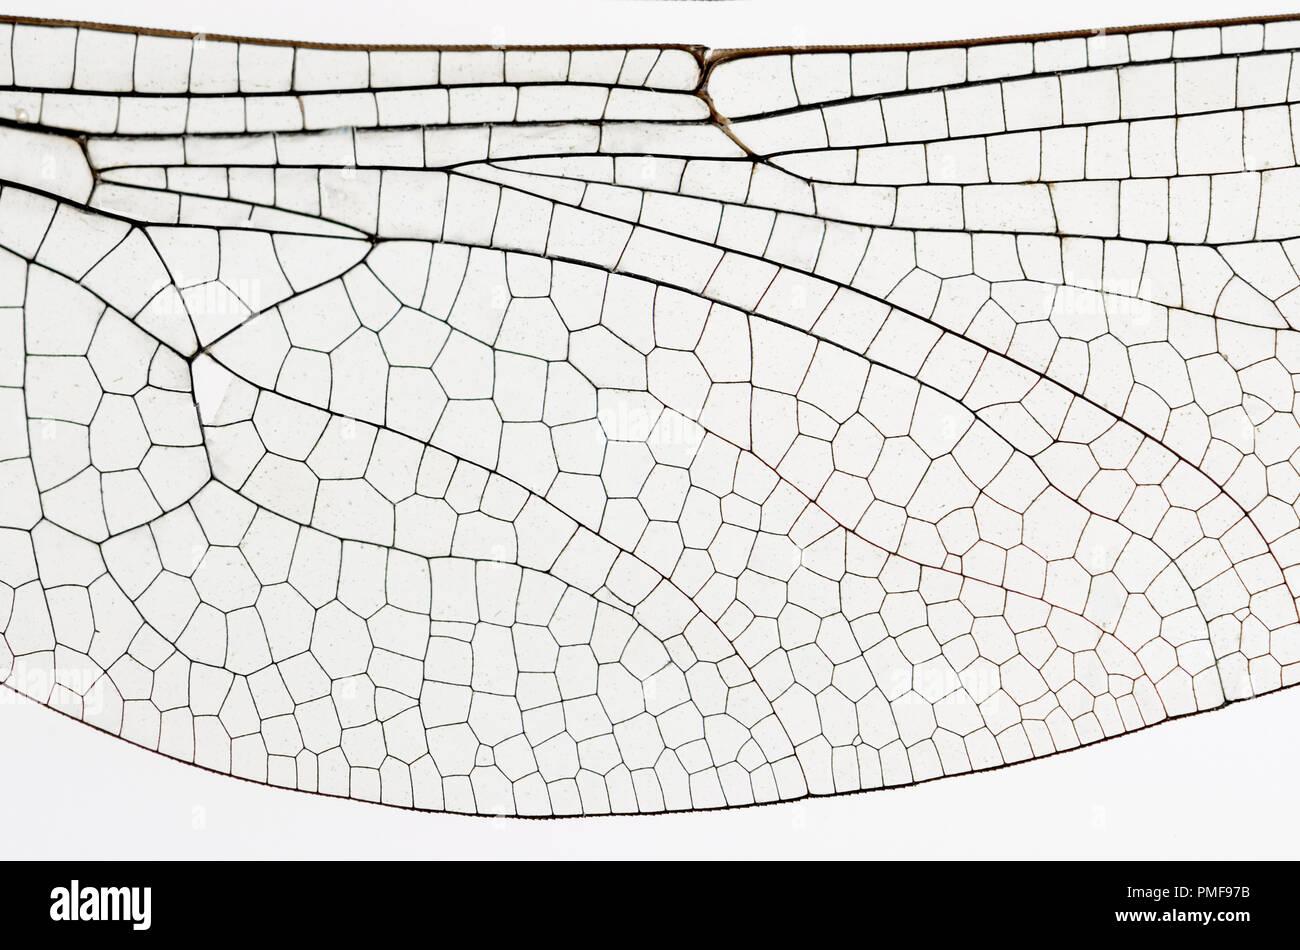 Aile du dard de Commune (Sympetrum striolatum libellule) à partir d'un spécimen mort. Montrant les veines et les cellules transparentes Photo Stock